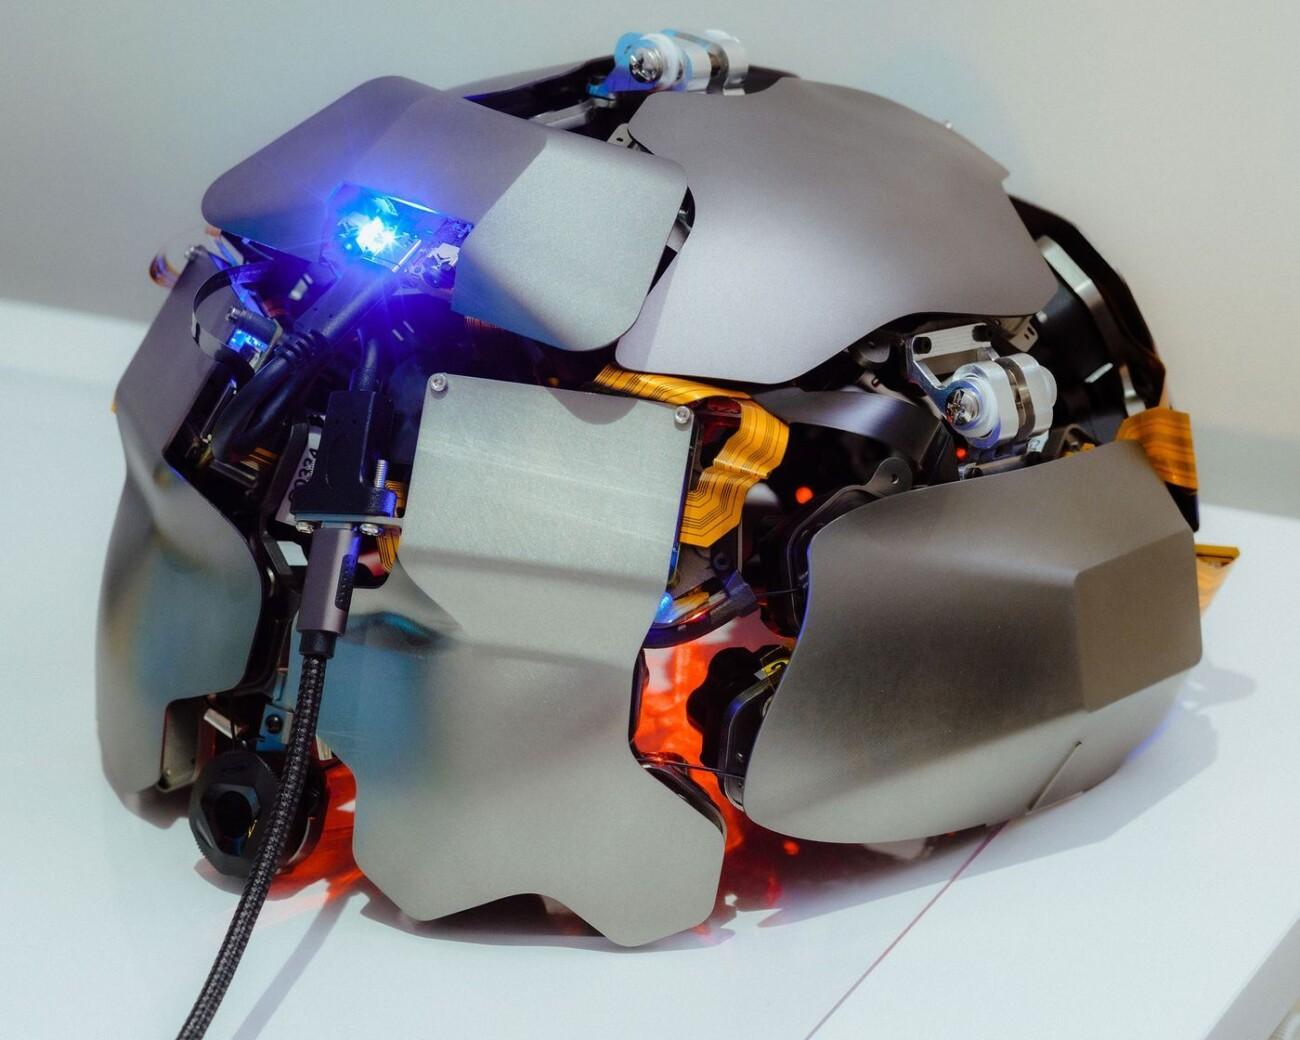 Калифорнийский стартап Kernel начал продавать в США шлемы для «чтения мыслей» за $50 тысяч